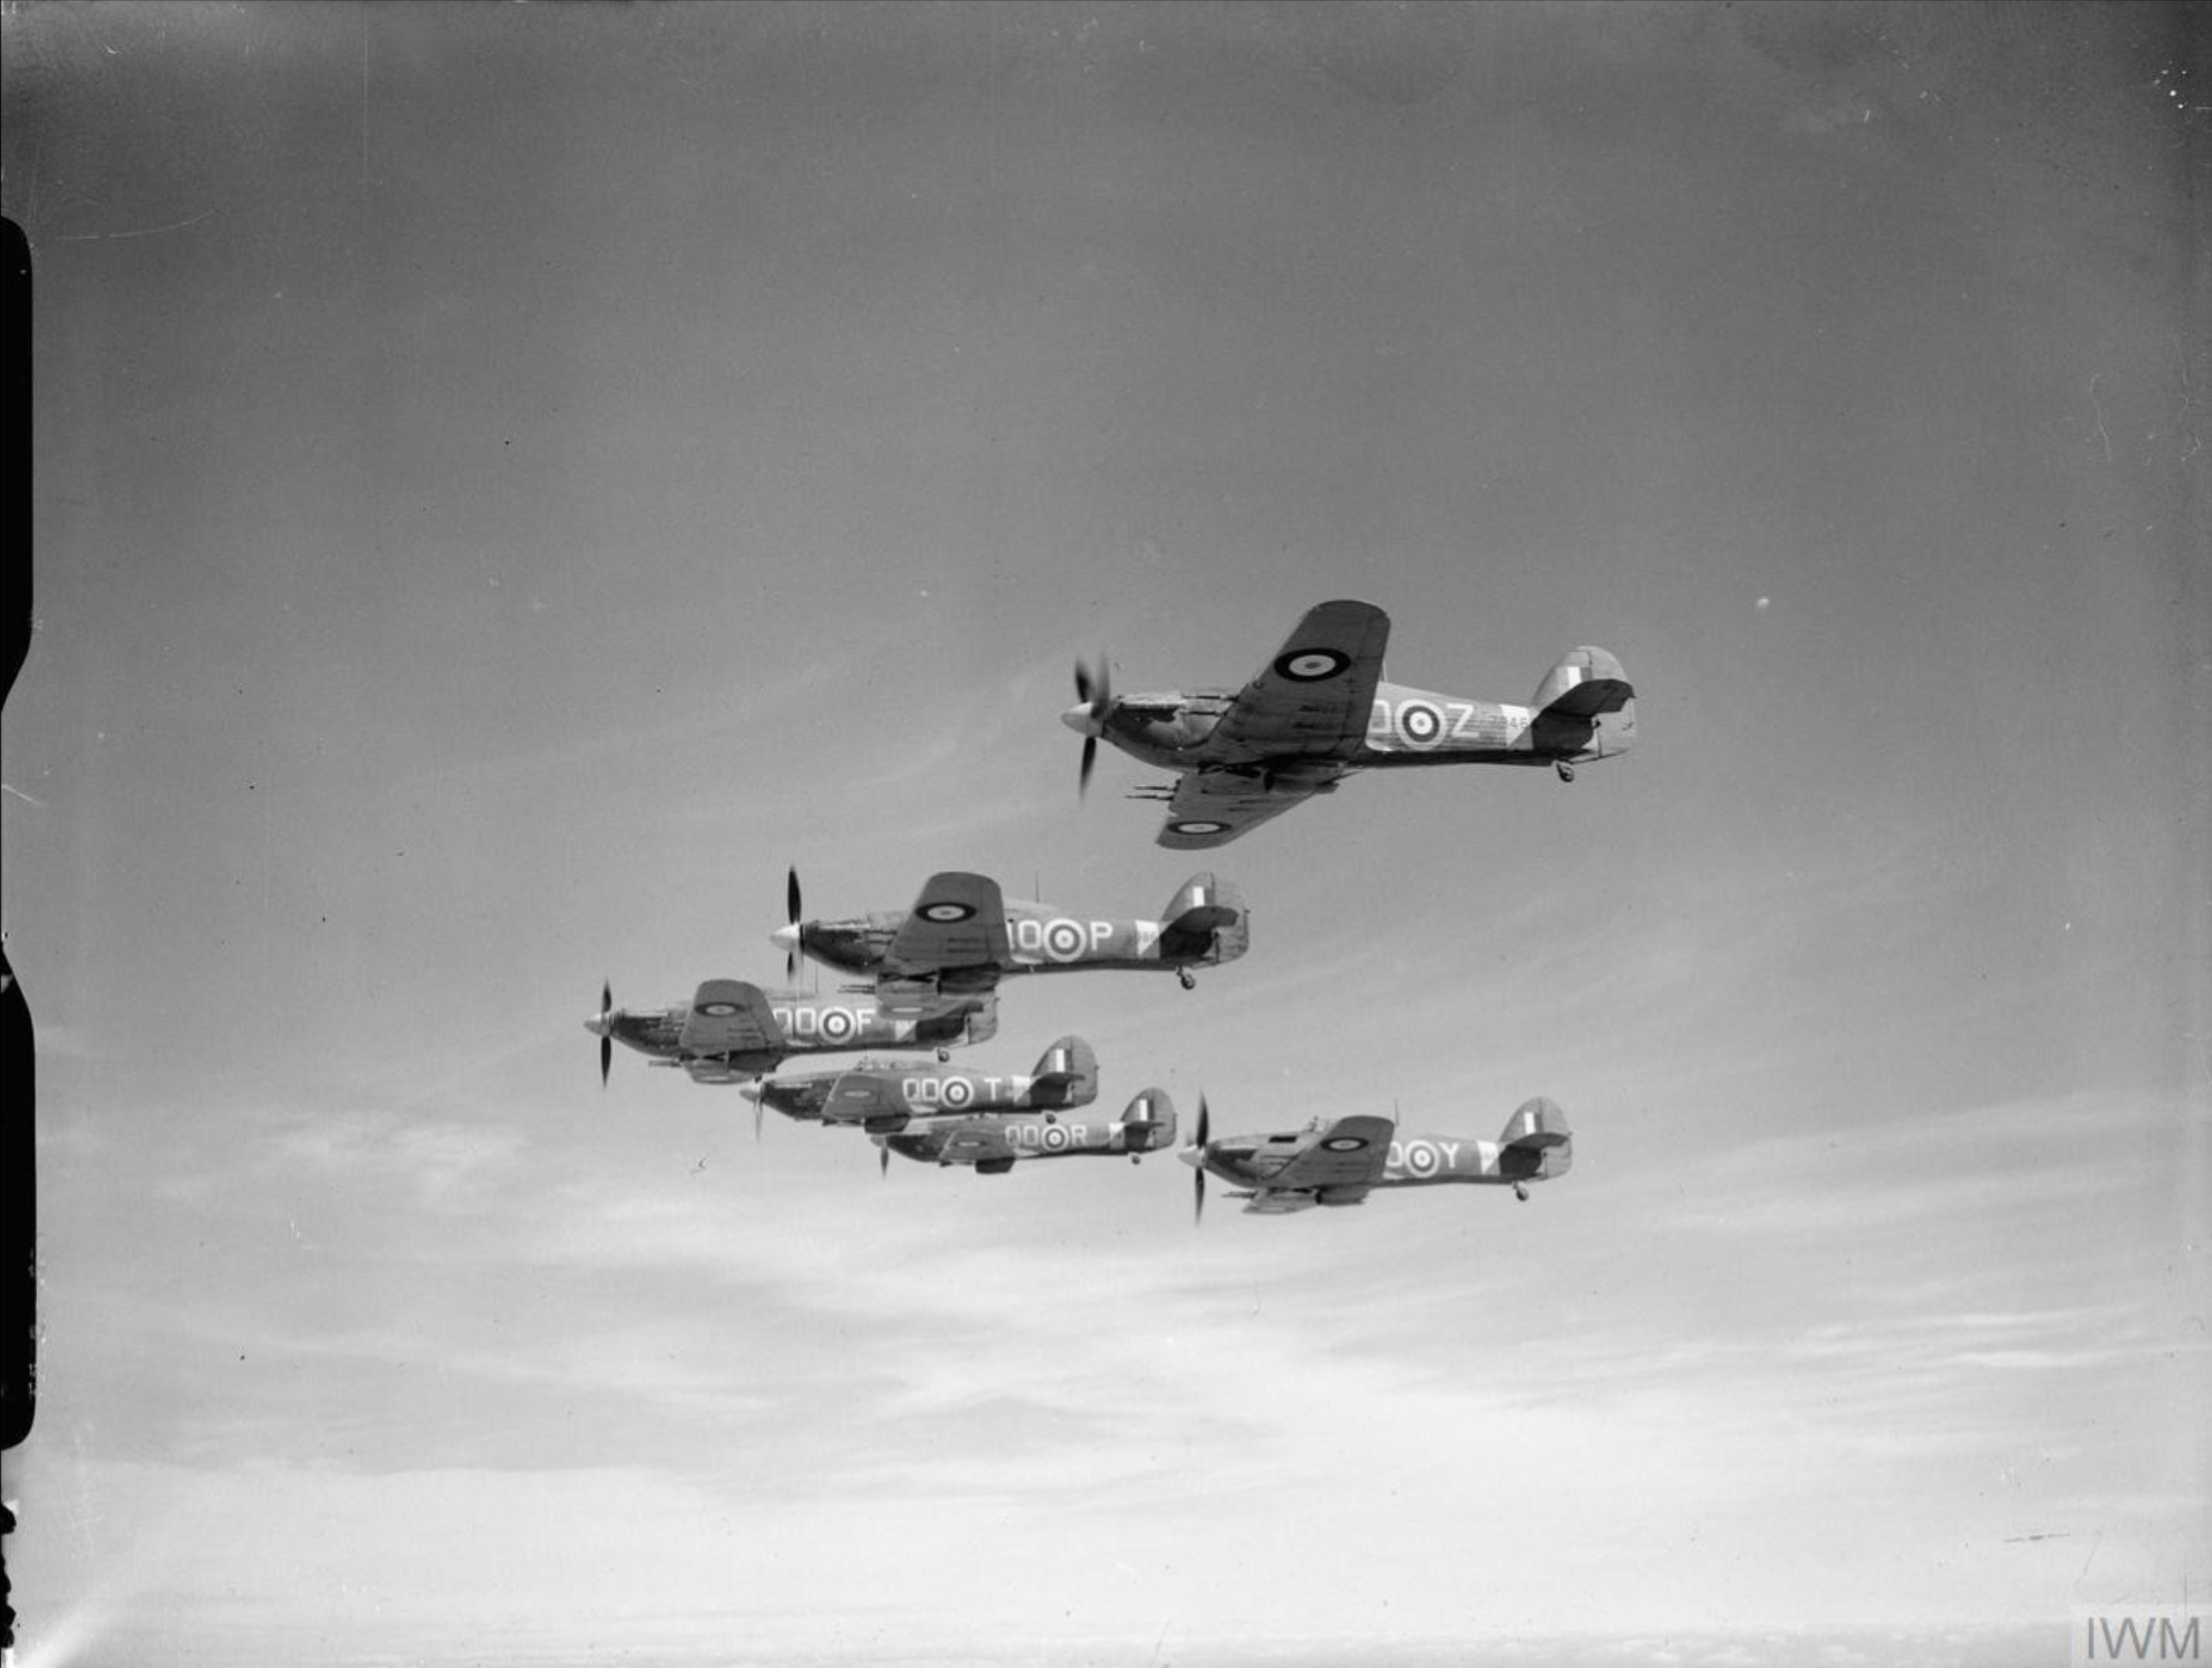 Hawker Hurricane IIc RAF 3Sqn QOZ, QOP, QOF, QOT, QOR and QOY in formation IWM CH3496